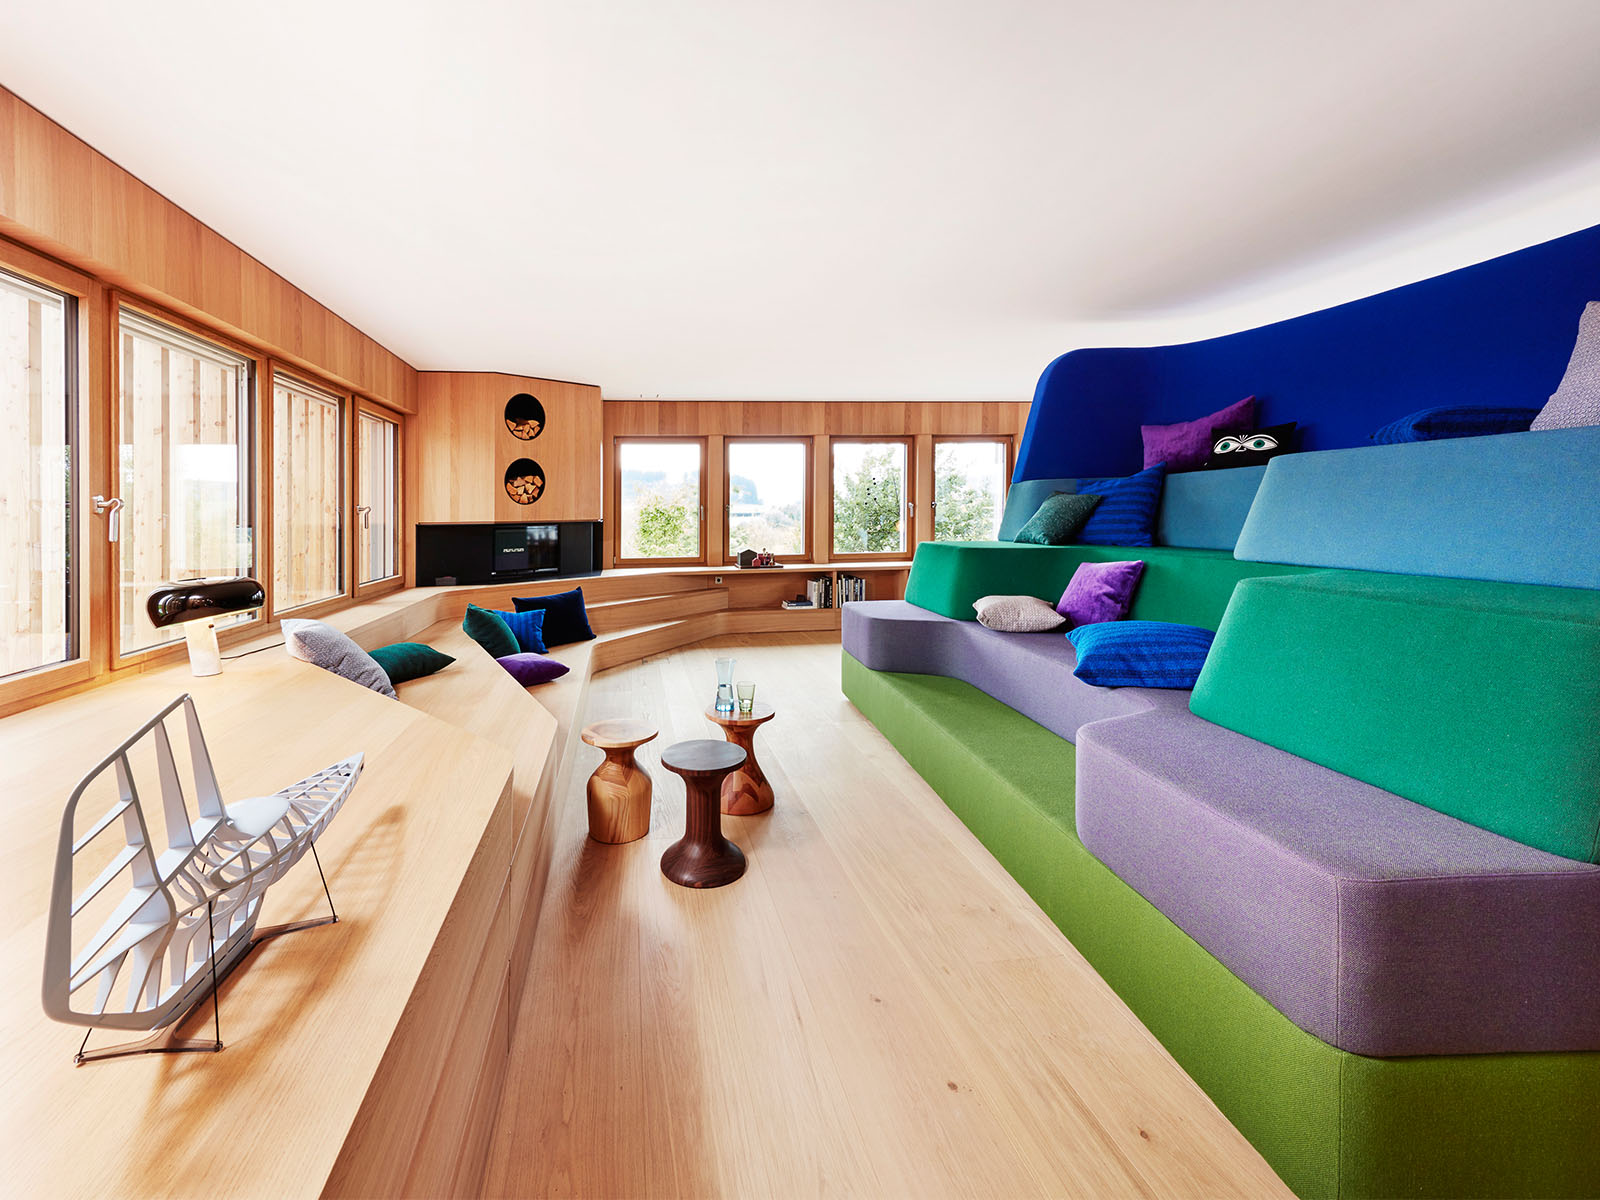 Los colores destacan con la madera